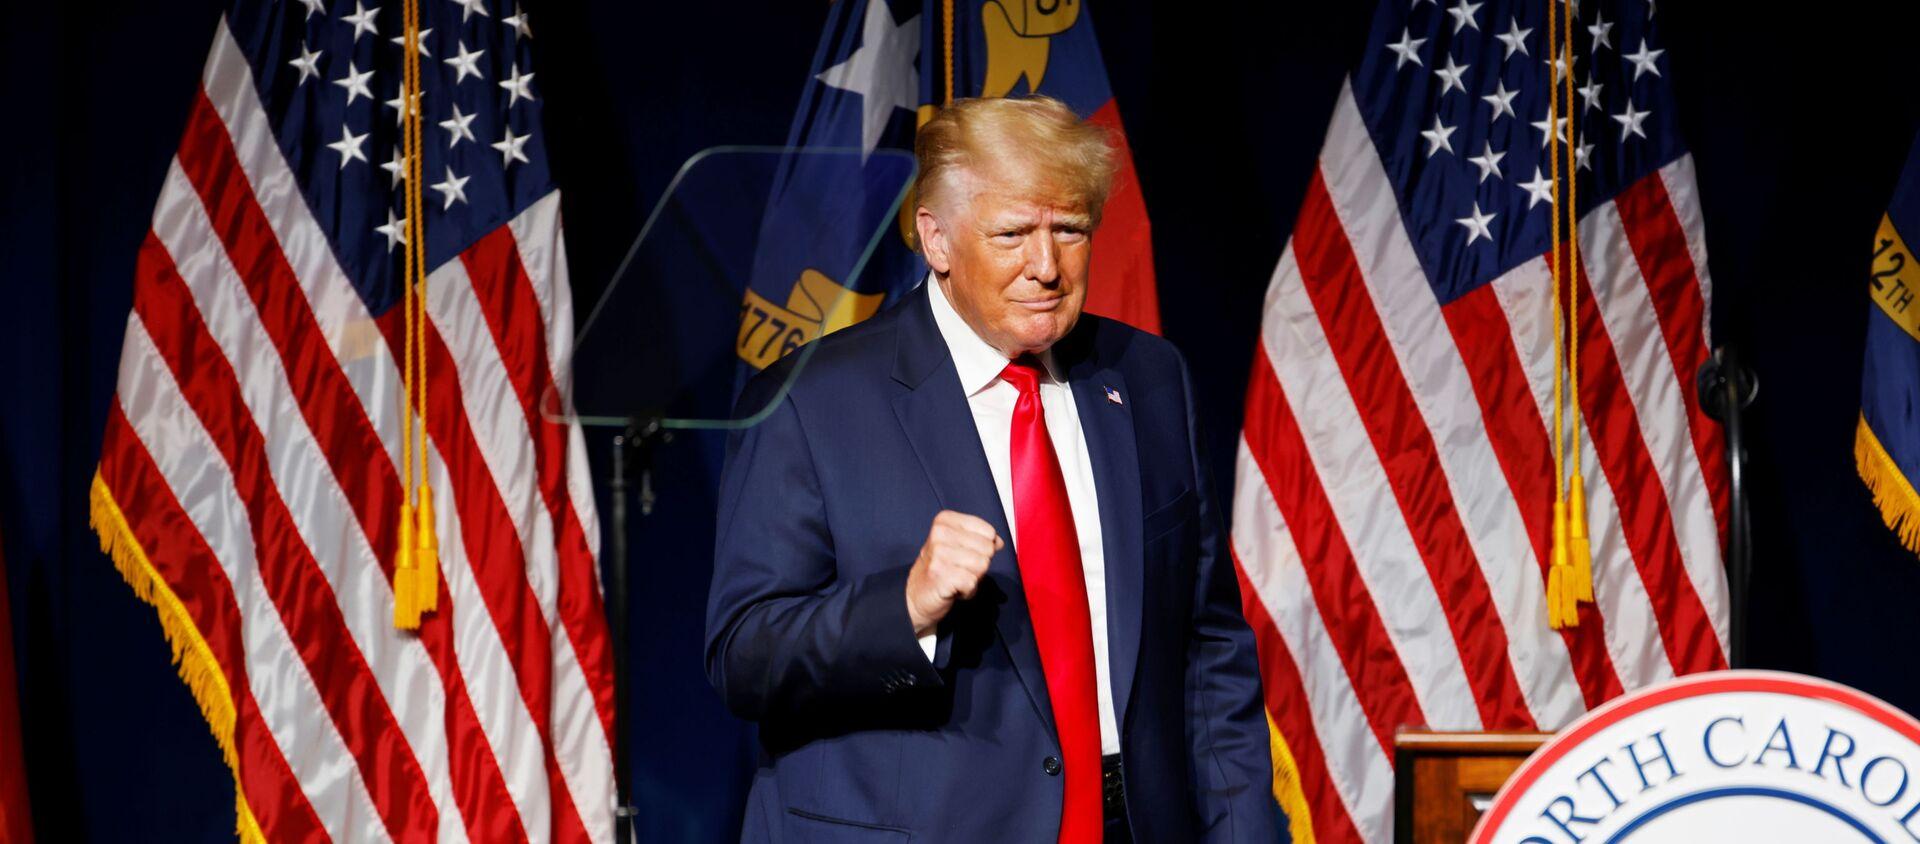 Cựu Hoa Kỳ Tổng thống Donald Trump đến phát biểu tại bữa tối hội nghị GOP North Carolina ở Greenville, North Carolina, Hoa Kỳ. Ngày 5 tháng 6 năm 2021 - Sputnik Việt Nam, 1920, 06.06.2021